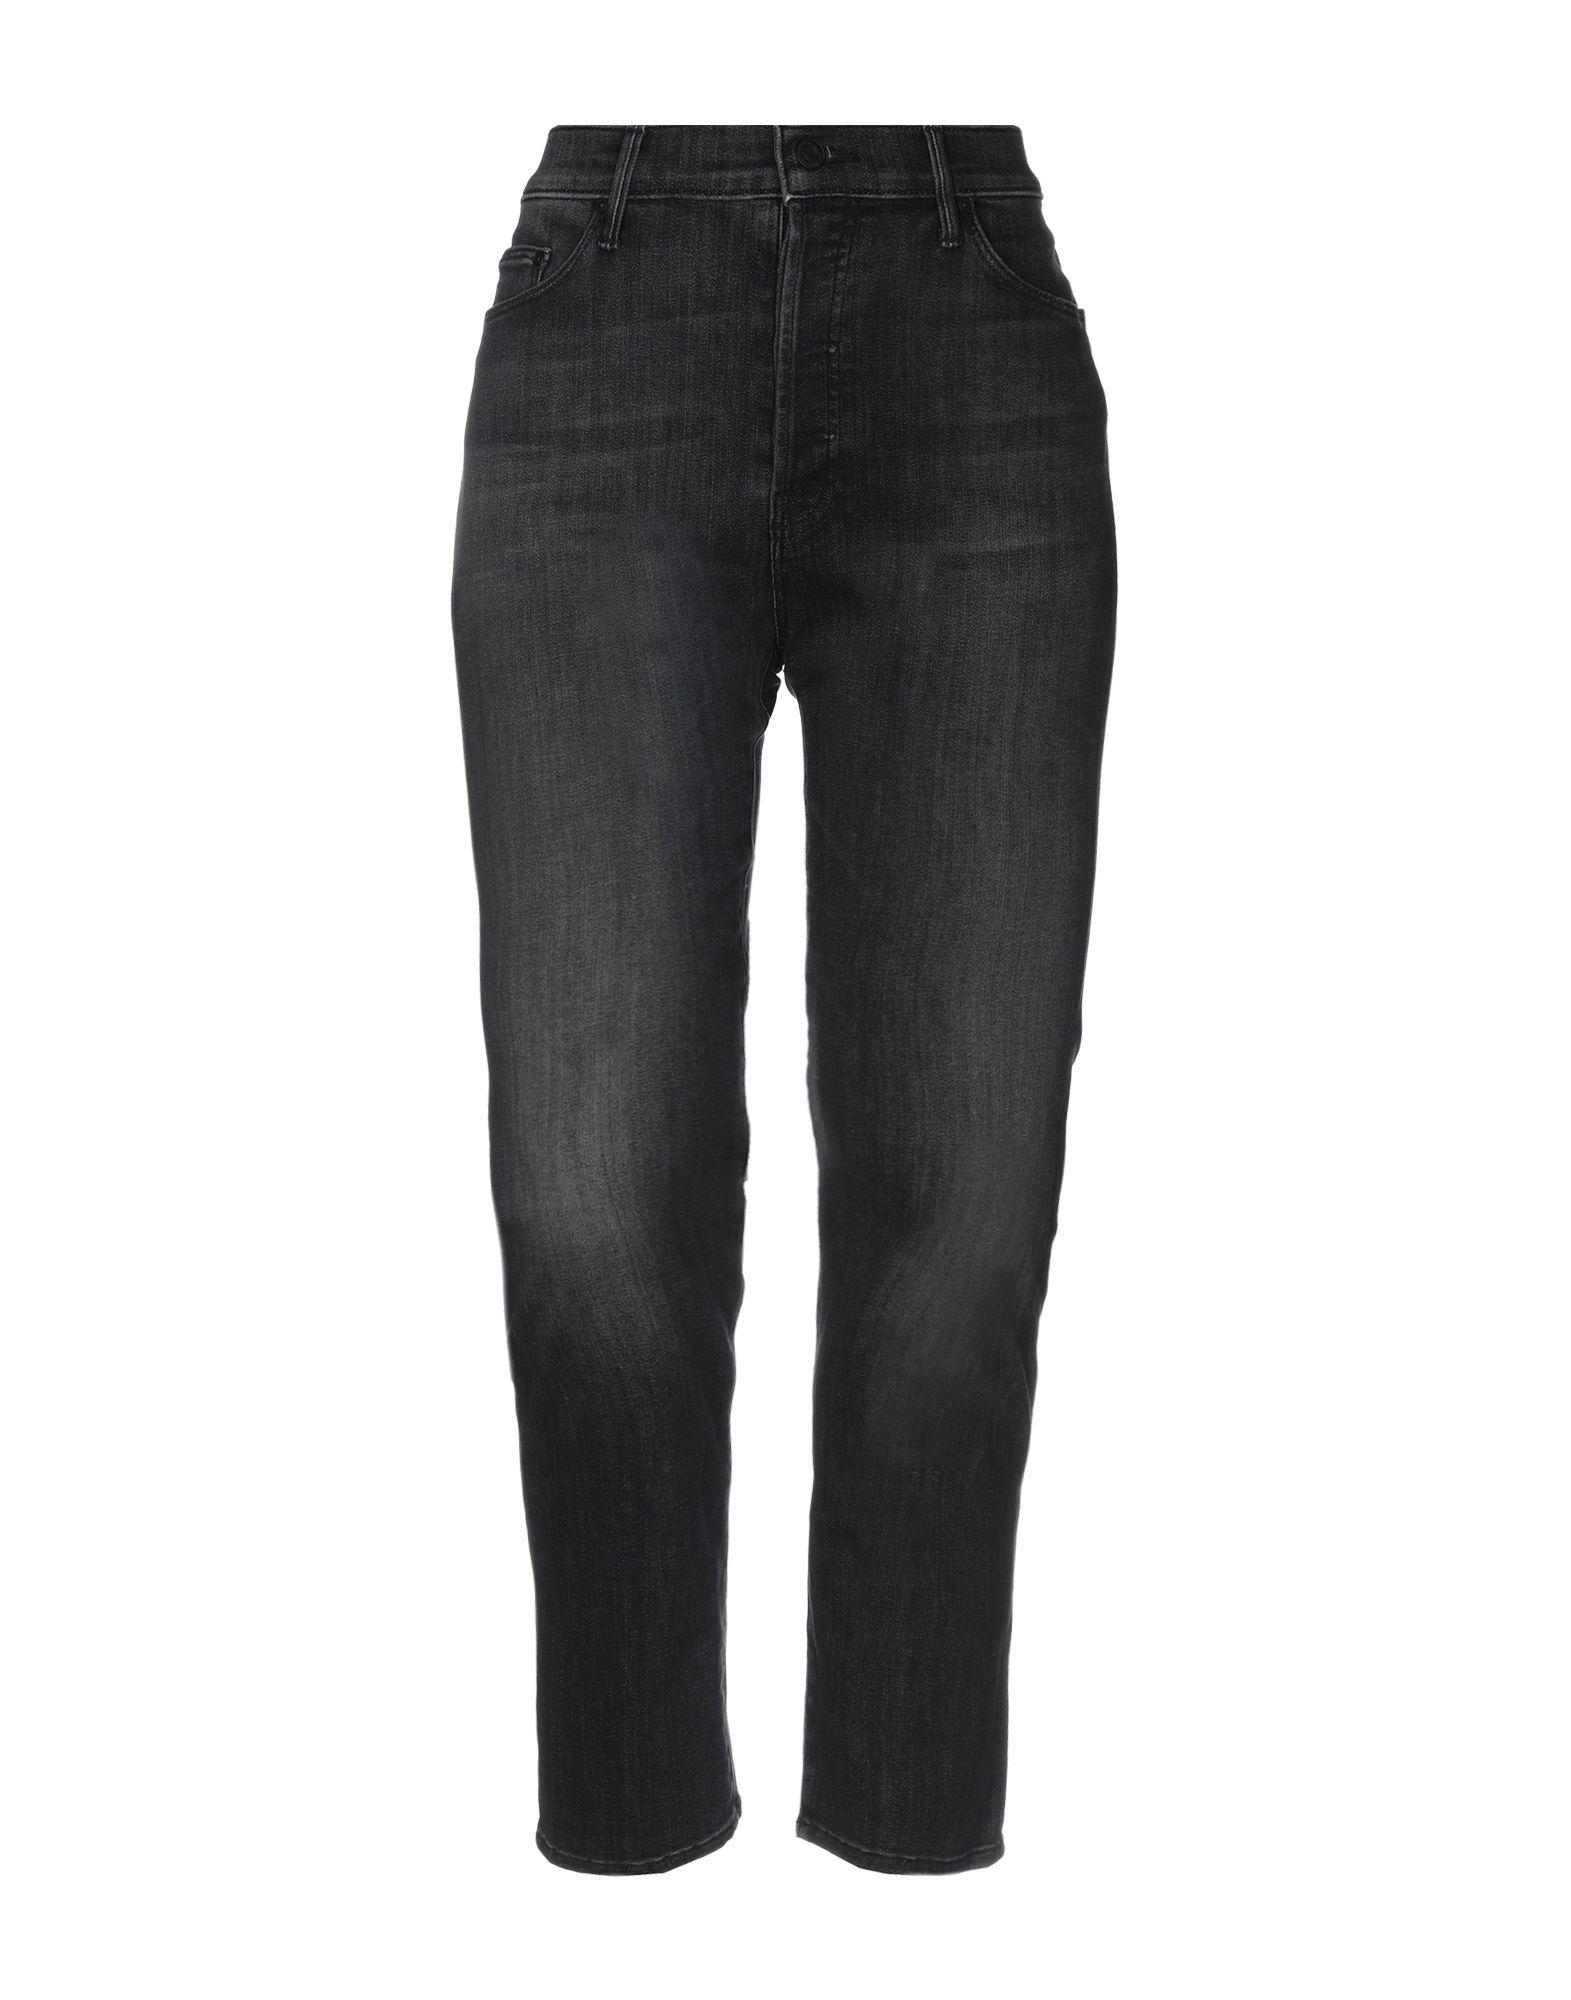 MOTHER Джинсовые брюки black choker sleeveless crop top